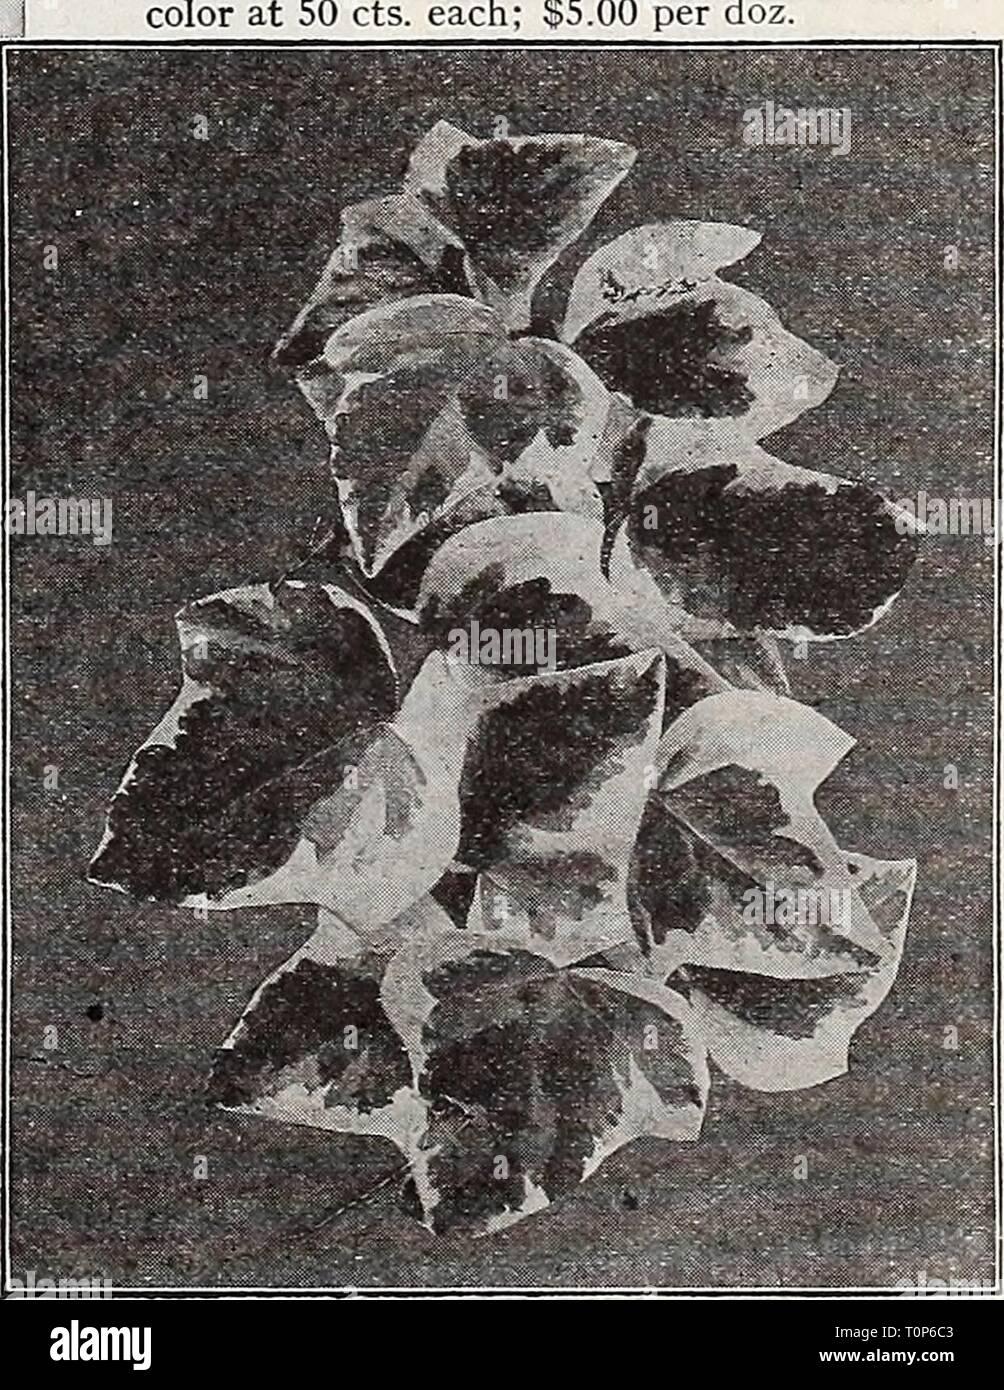 Dreer catalogue automne du (1933) l'dreersautumncata Dreer catalogue automne1933henr Année: 1933 Euphorbia splendens (couronne d'Épines) Dracaenas décoratif fragrans. Une excellente plante d'intérieur, avec une large feuillage vert foncé, se développe dans des conditions ad- verse. Les plantes en pot de 3 pouces, 35 cts. chacun; 4 pots, 60 cts. chacun; 5 pots, 1 $ chacune. Godseffiana. Différent de tous les autres Drac- aenas; d'habitude formant avec branches com- pact, gracieux spécimens. Son feuillage est de texture solide; riche, couleur vert foncé avec des taches de forte densité marquée blanc crème. 3 pots, 50 cts. chaque. Massangean Banque D'Images